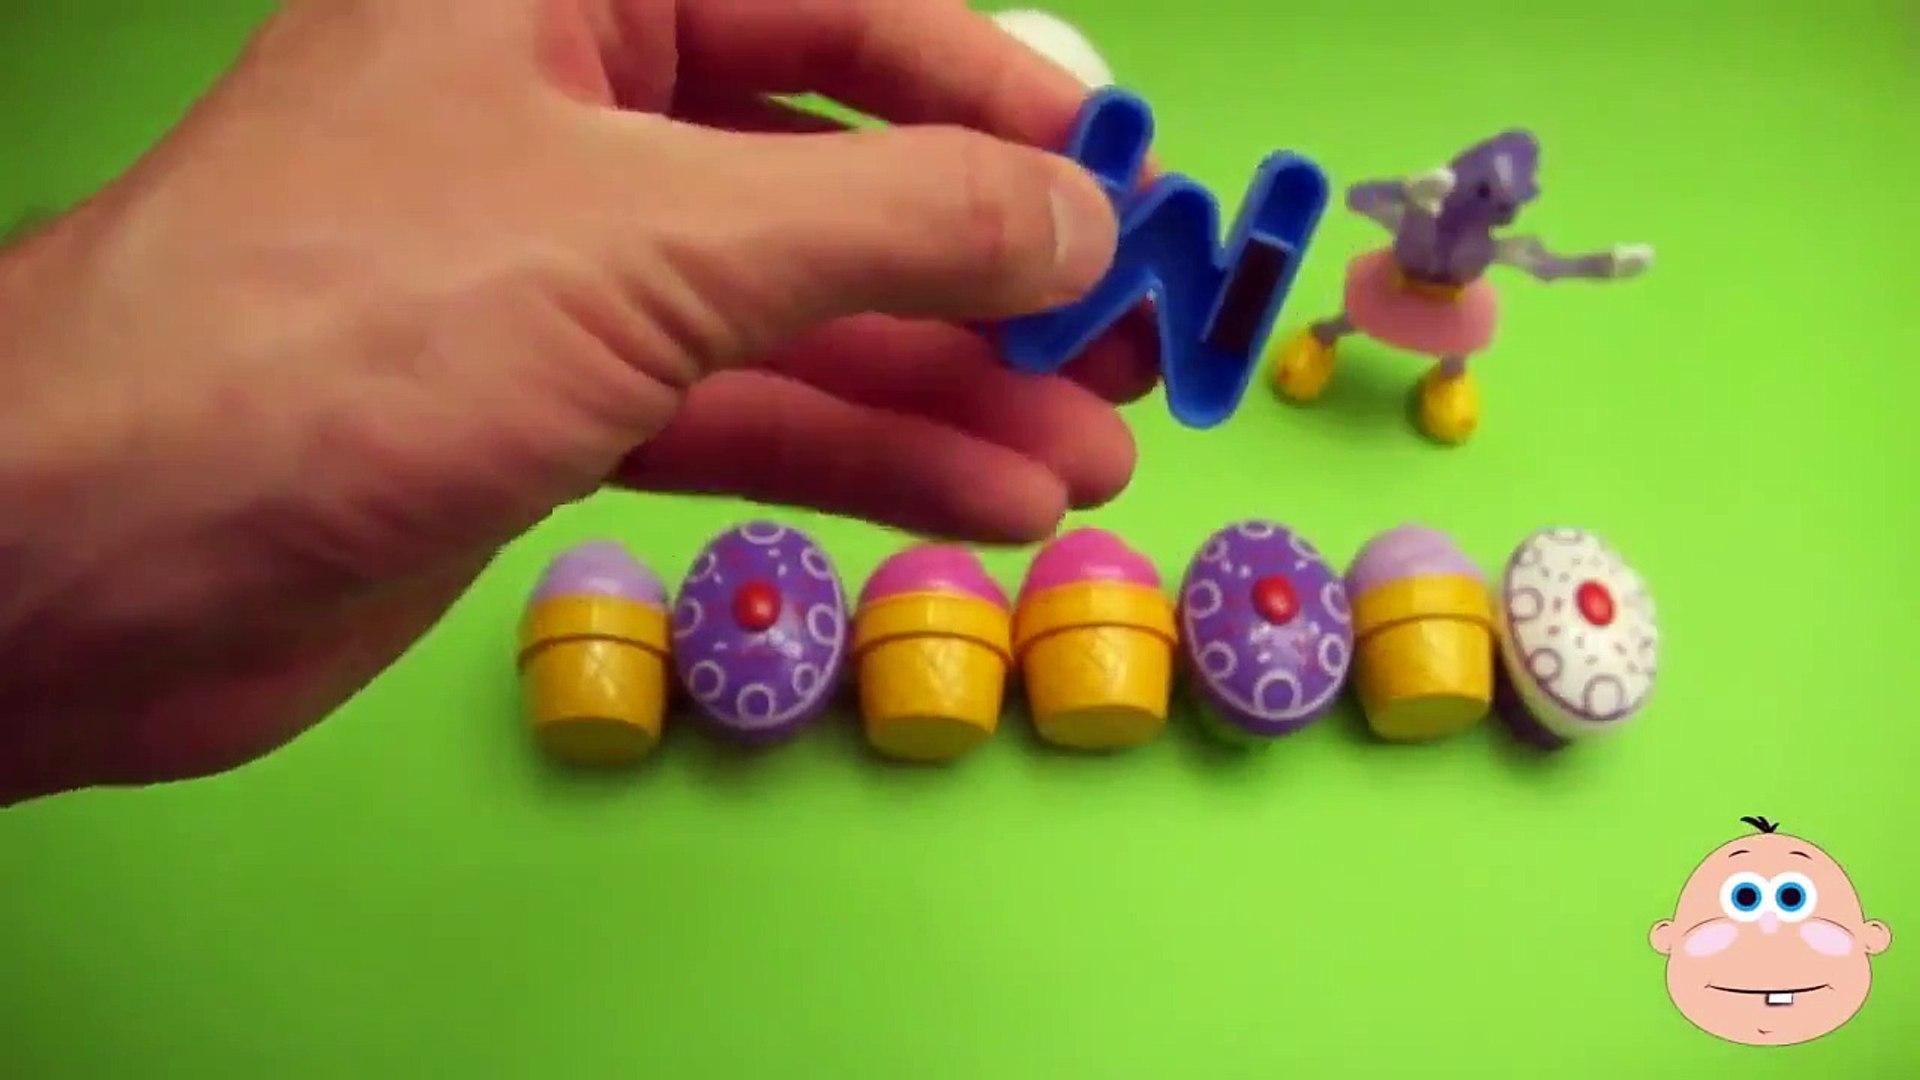 Лучший Лучший яйцо Яйца Learn-A-слово письма из Открытие Написание сюрприз преподавание овощи